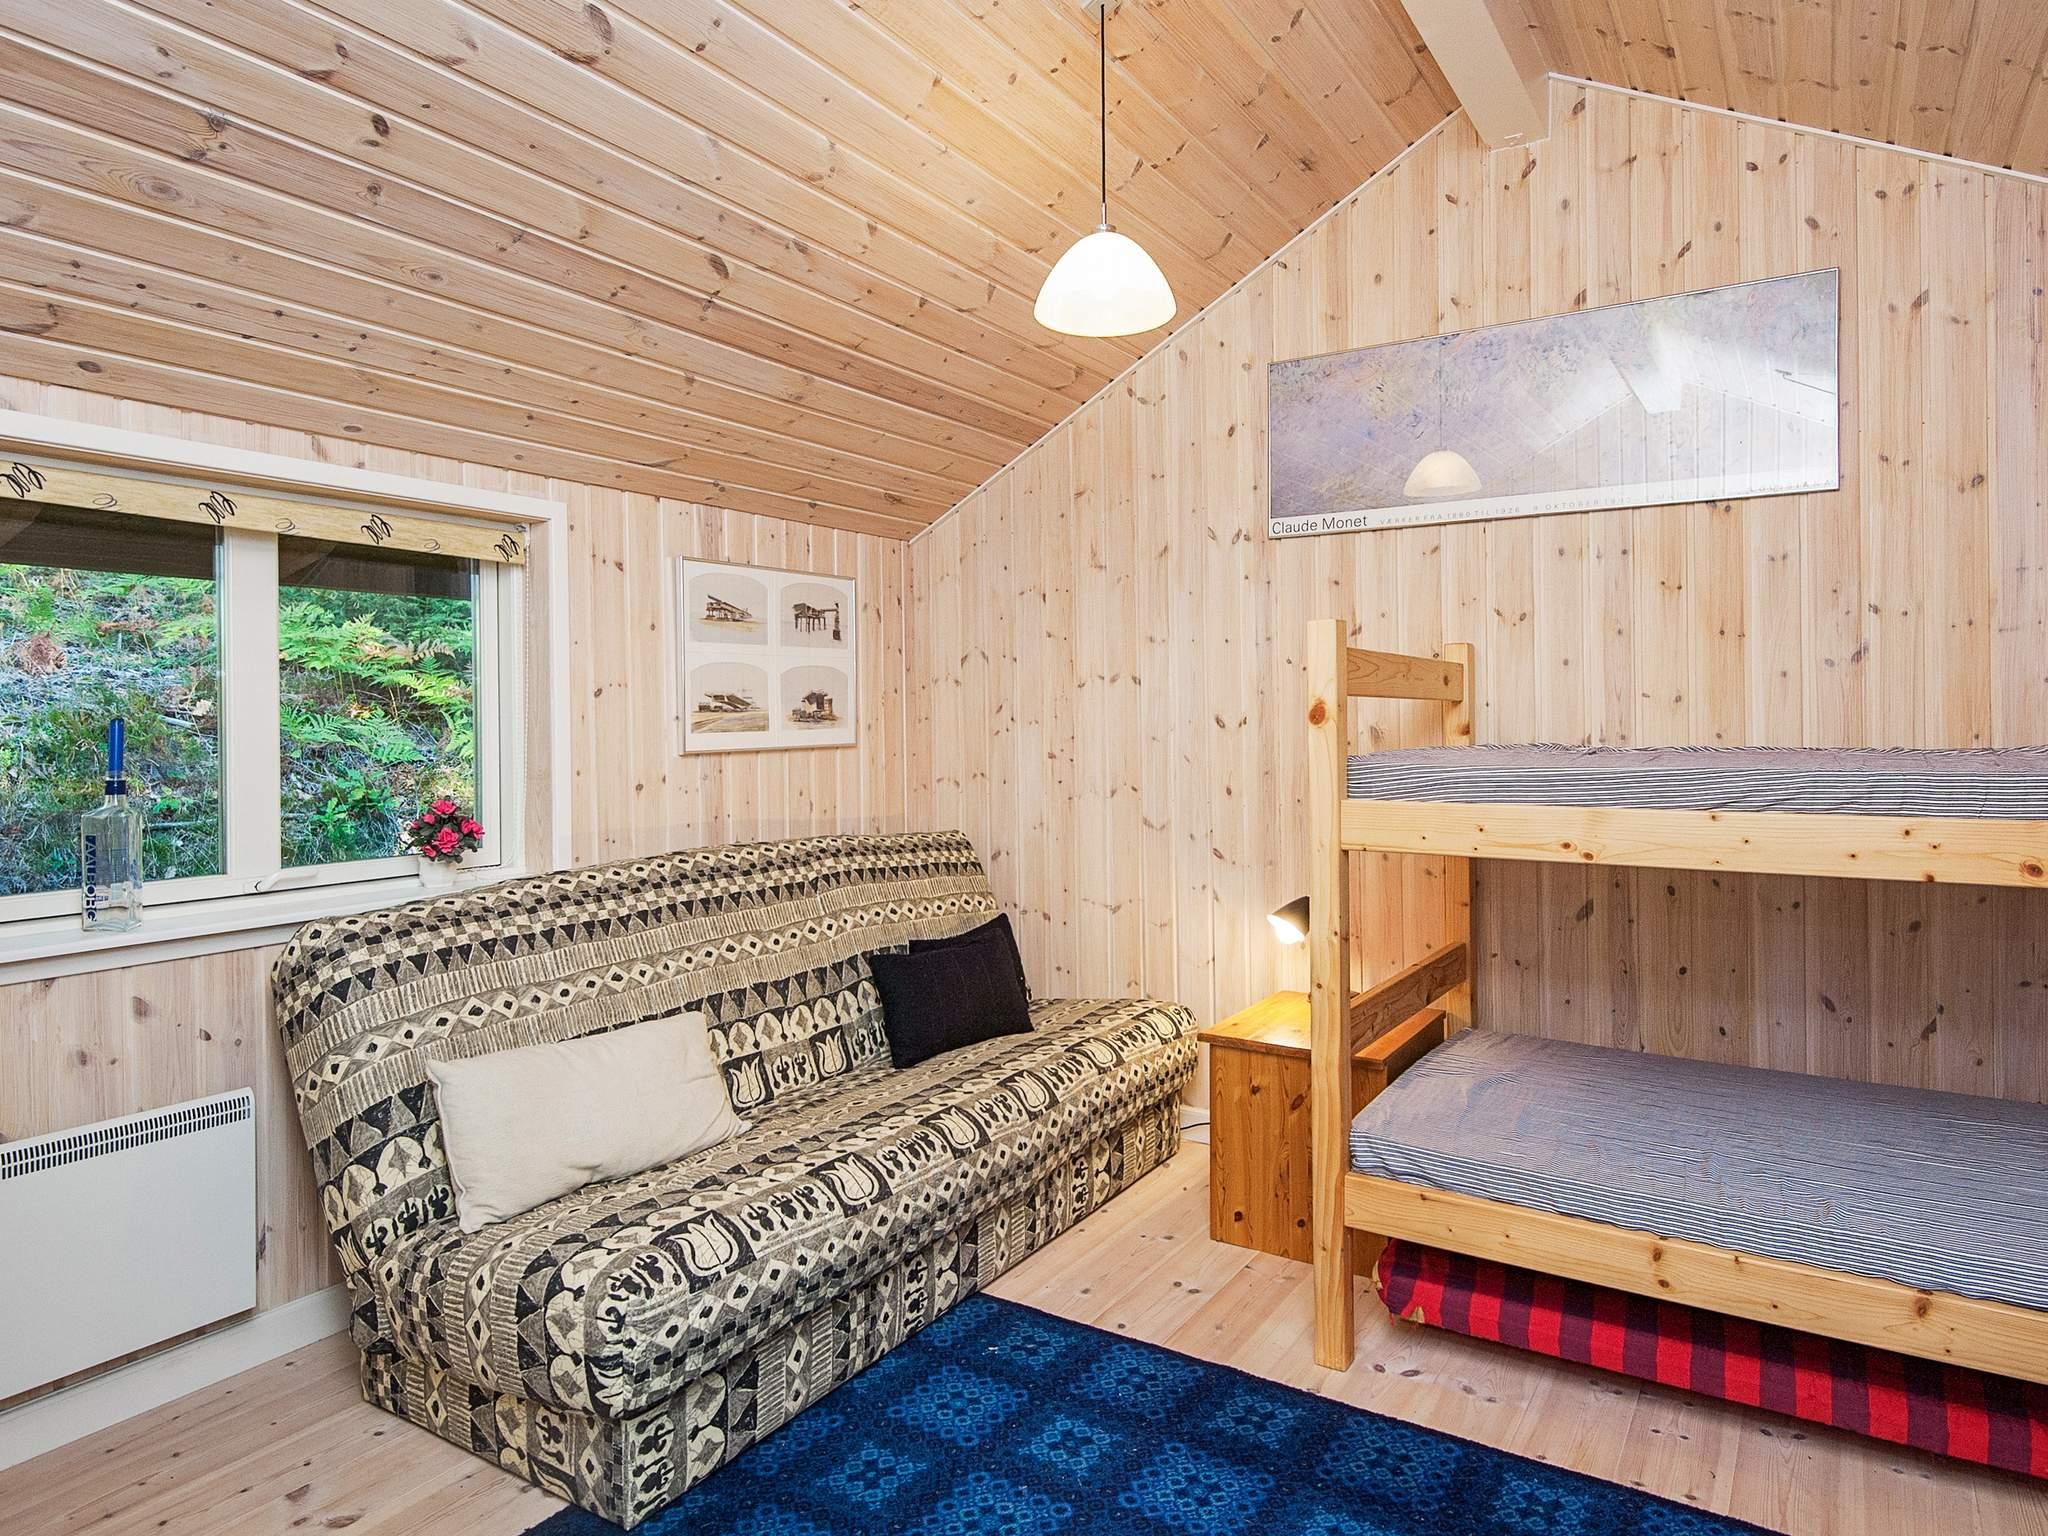 Ferienhaus Silkeborg (2002435), Silkeborg, , Ostjütland, Dänemark, Bild 5